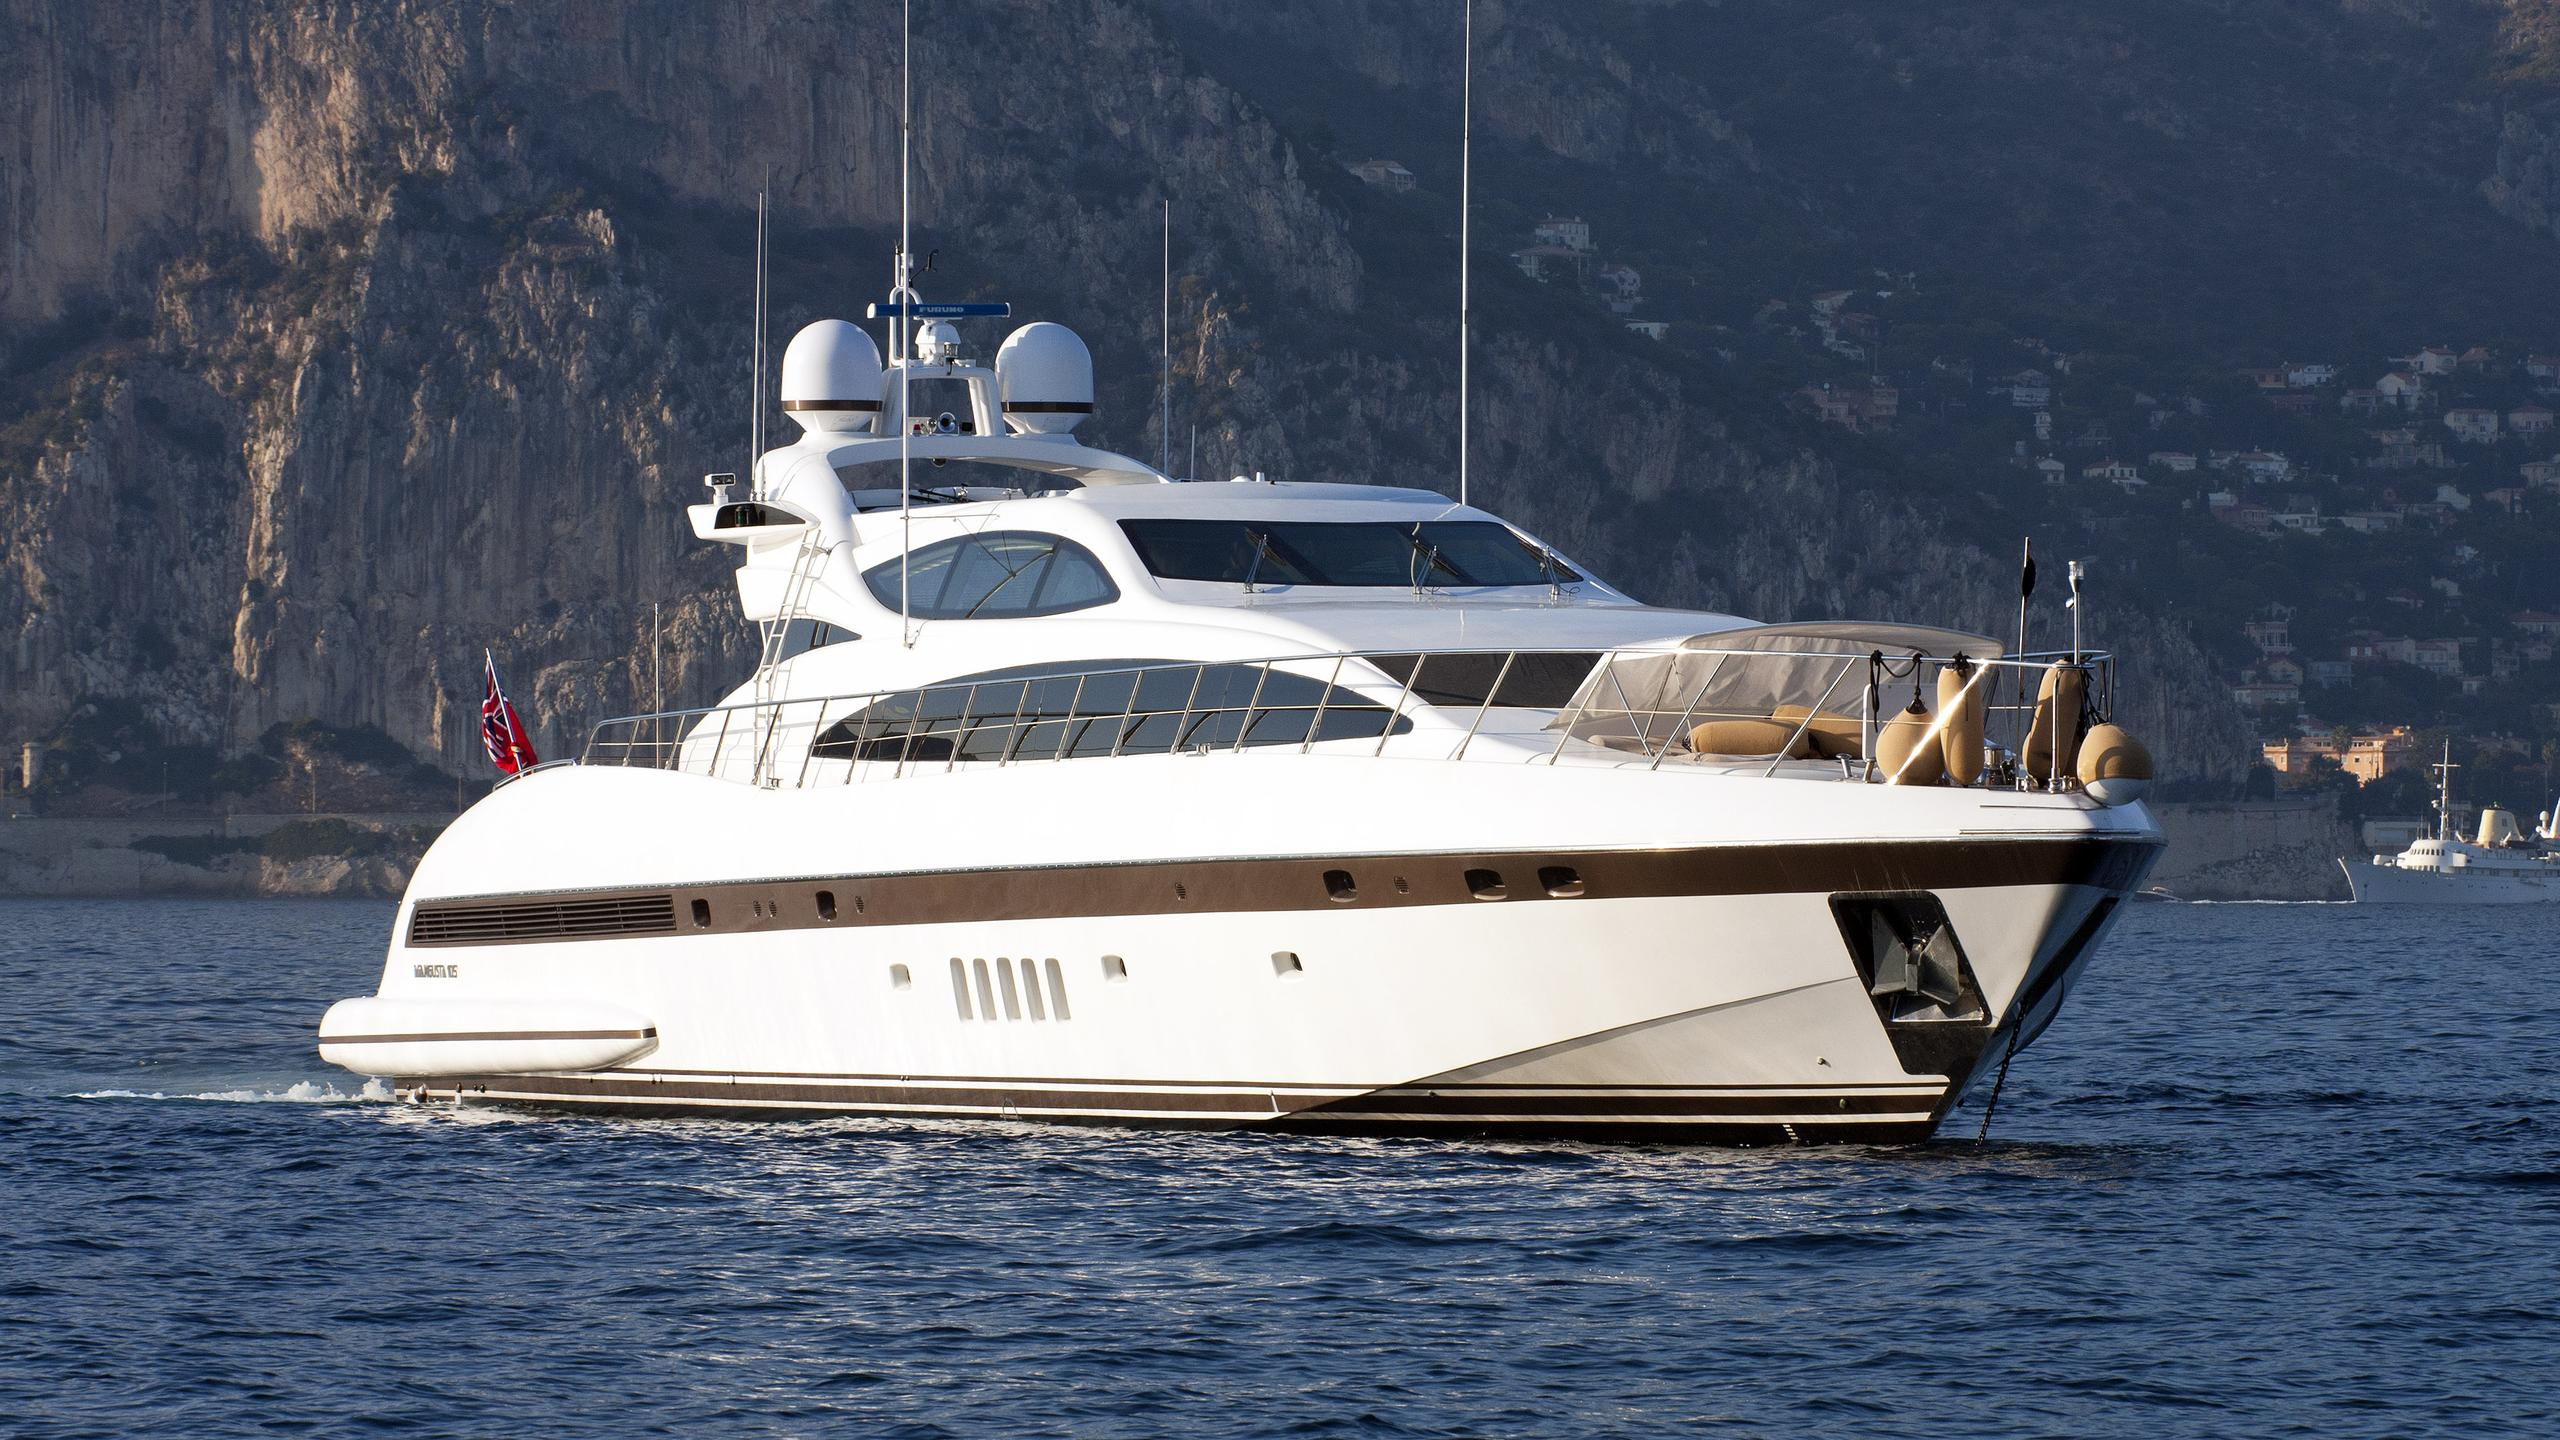 samira-motor-yacht-overmarine-mangusta-105-sport-2006-31m-bow